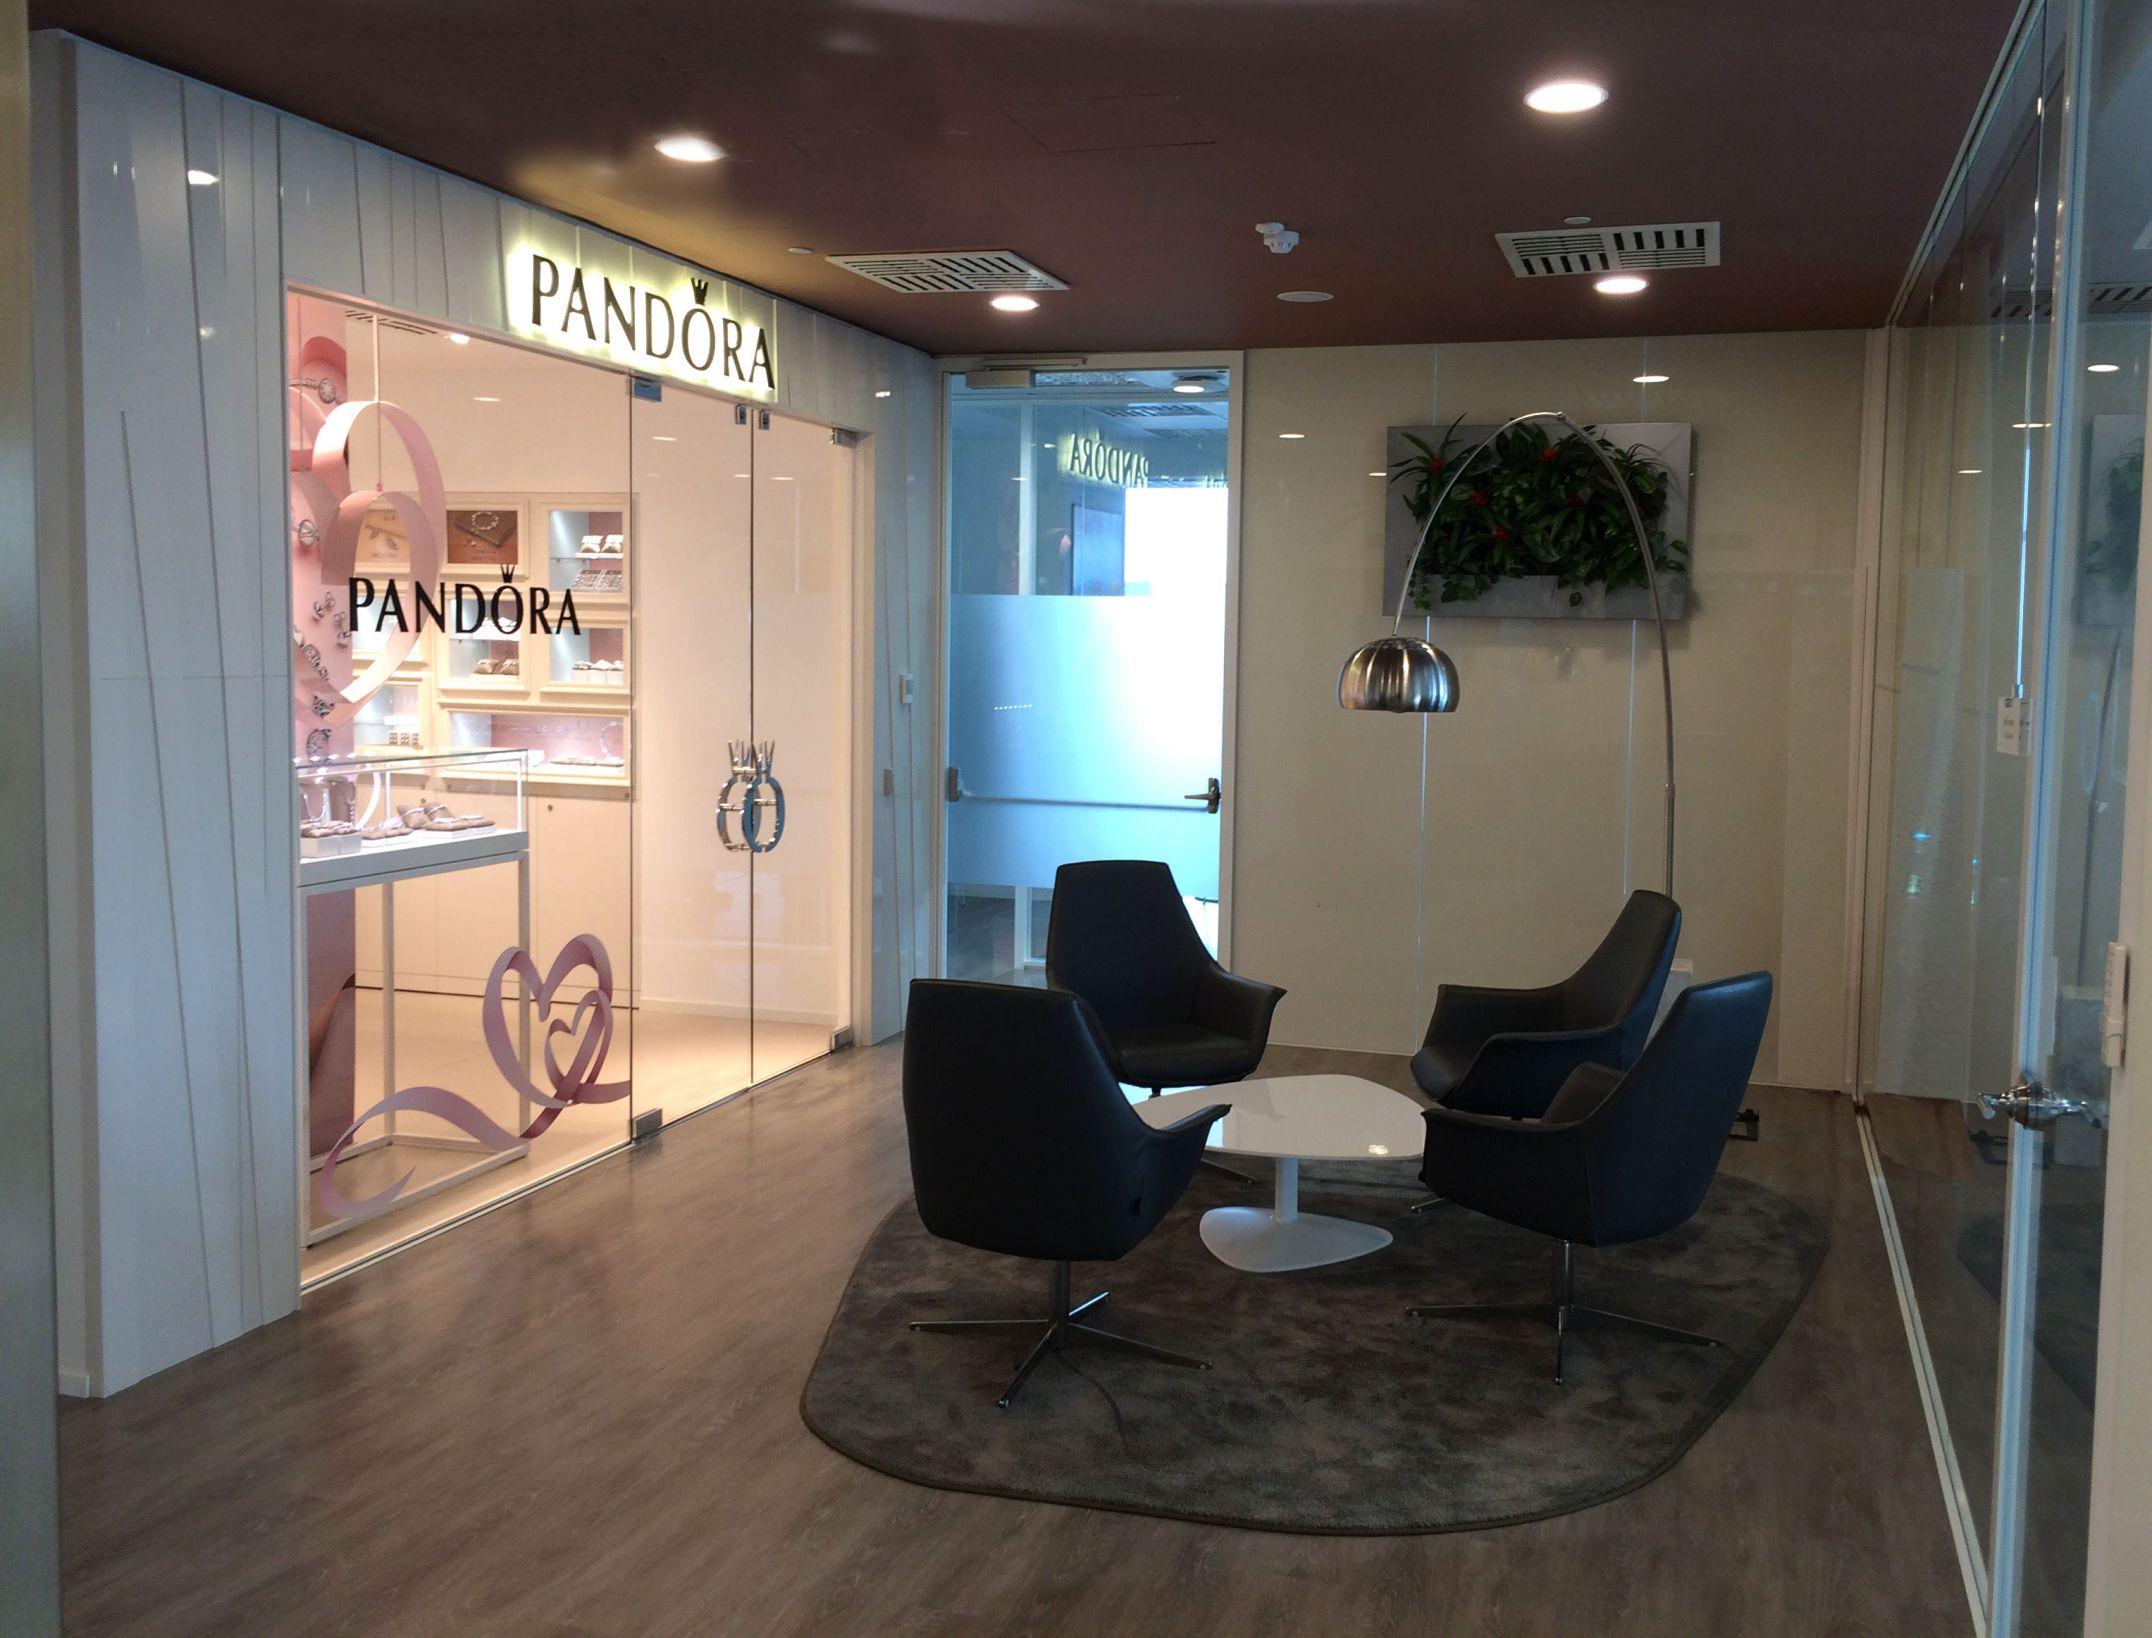 Uffici Pandora Milano | The Yellow Door